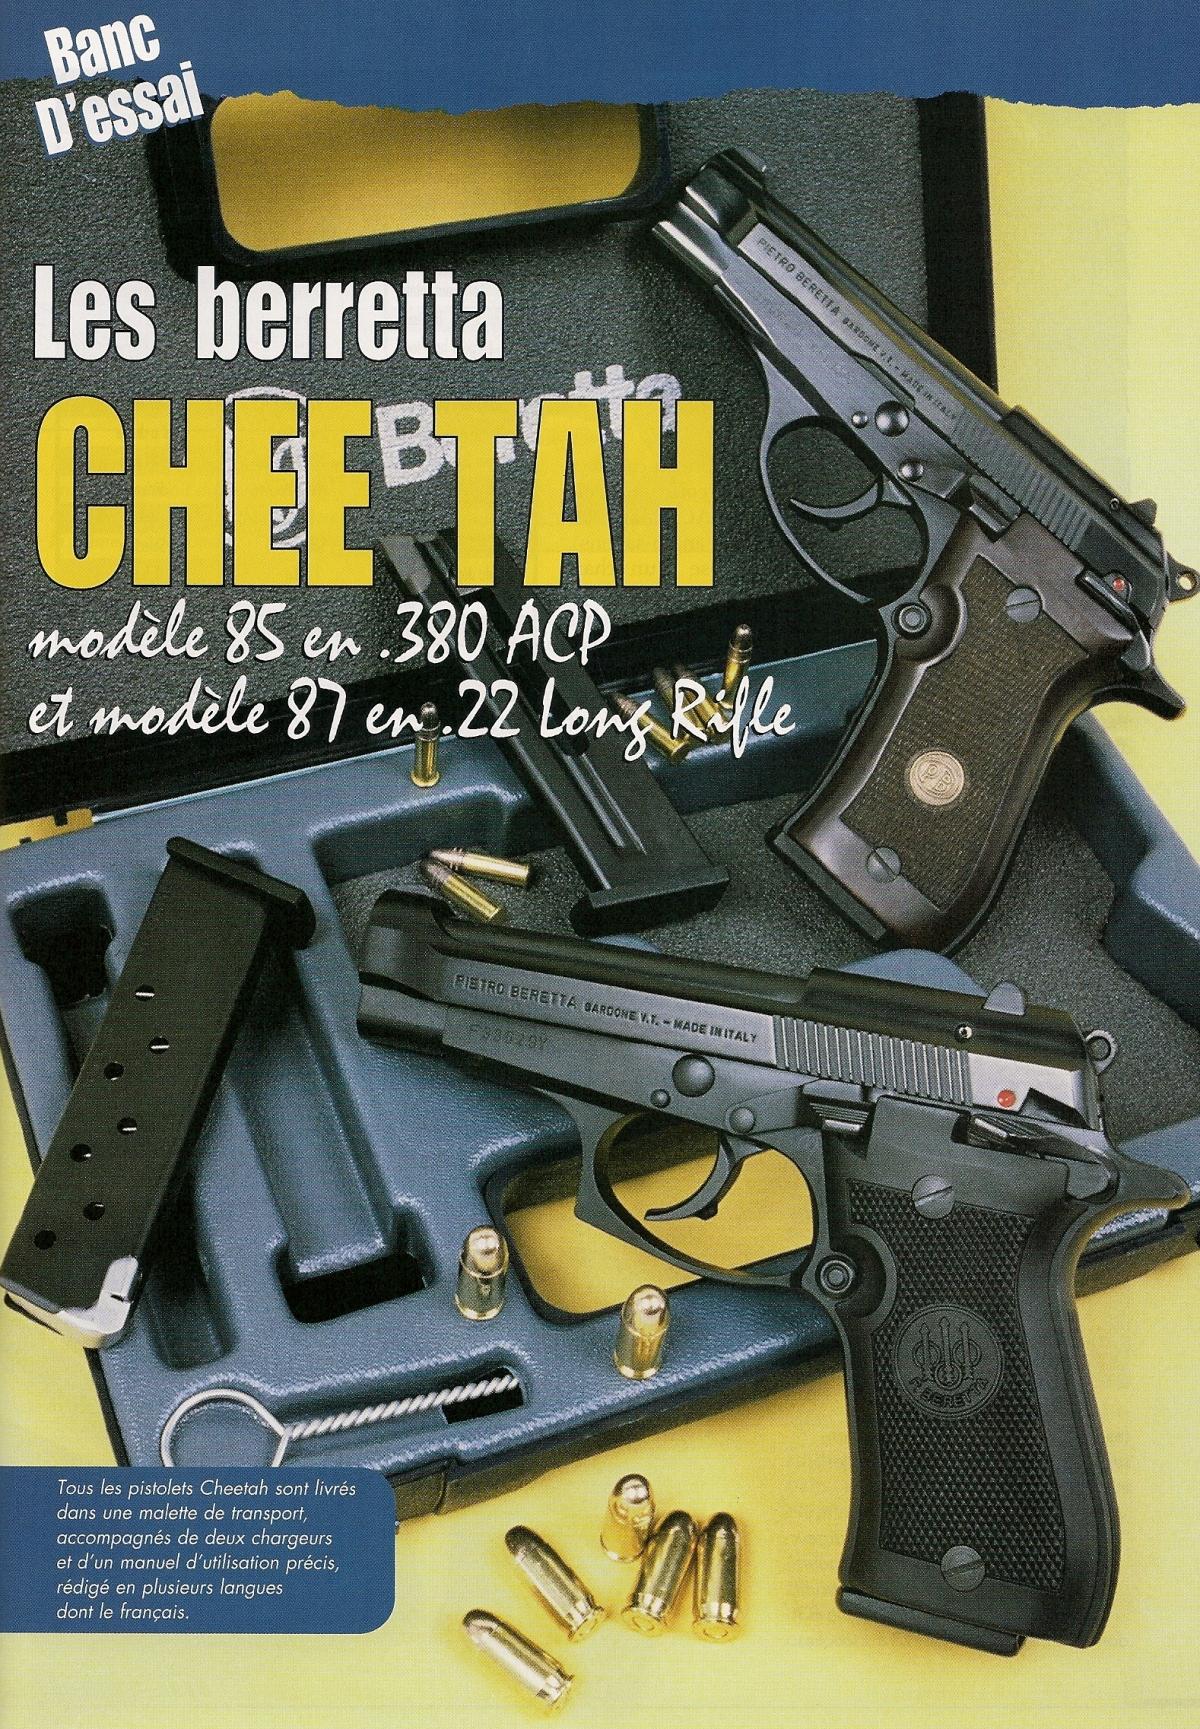 Le Cheetah 85, qui est est en quelque sorte un modèle réduit du Beretta 92, est muni d'un chargeur à 8 coups en calibre 9 mm court. Le chargeur du Cheetah 87 contient 8 cartouches de calibre .22 Long Rifle, mais il aurait facilement pu en accueillir davantage...